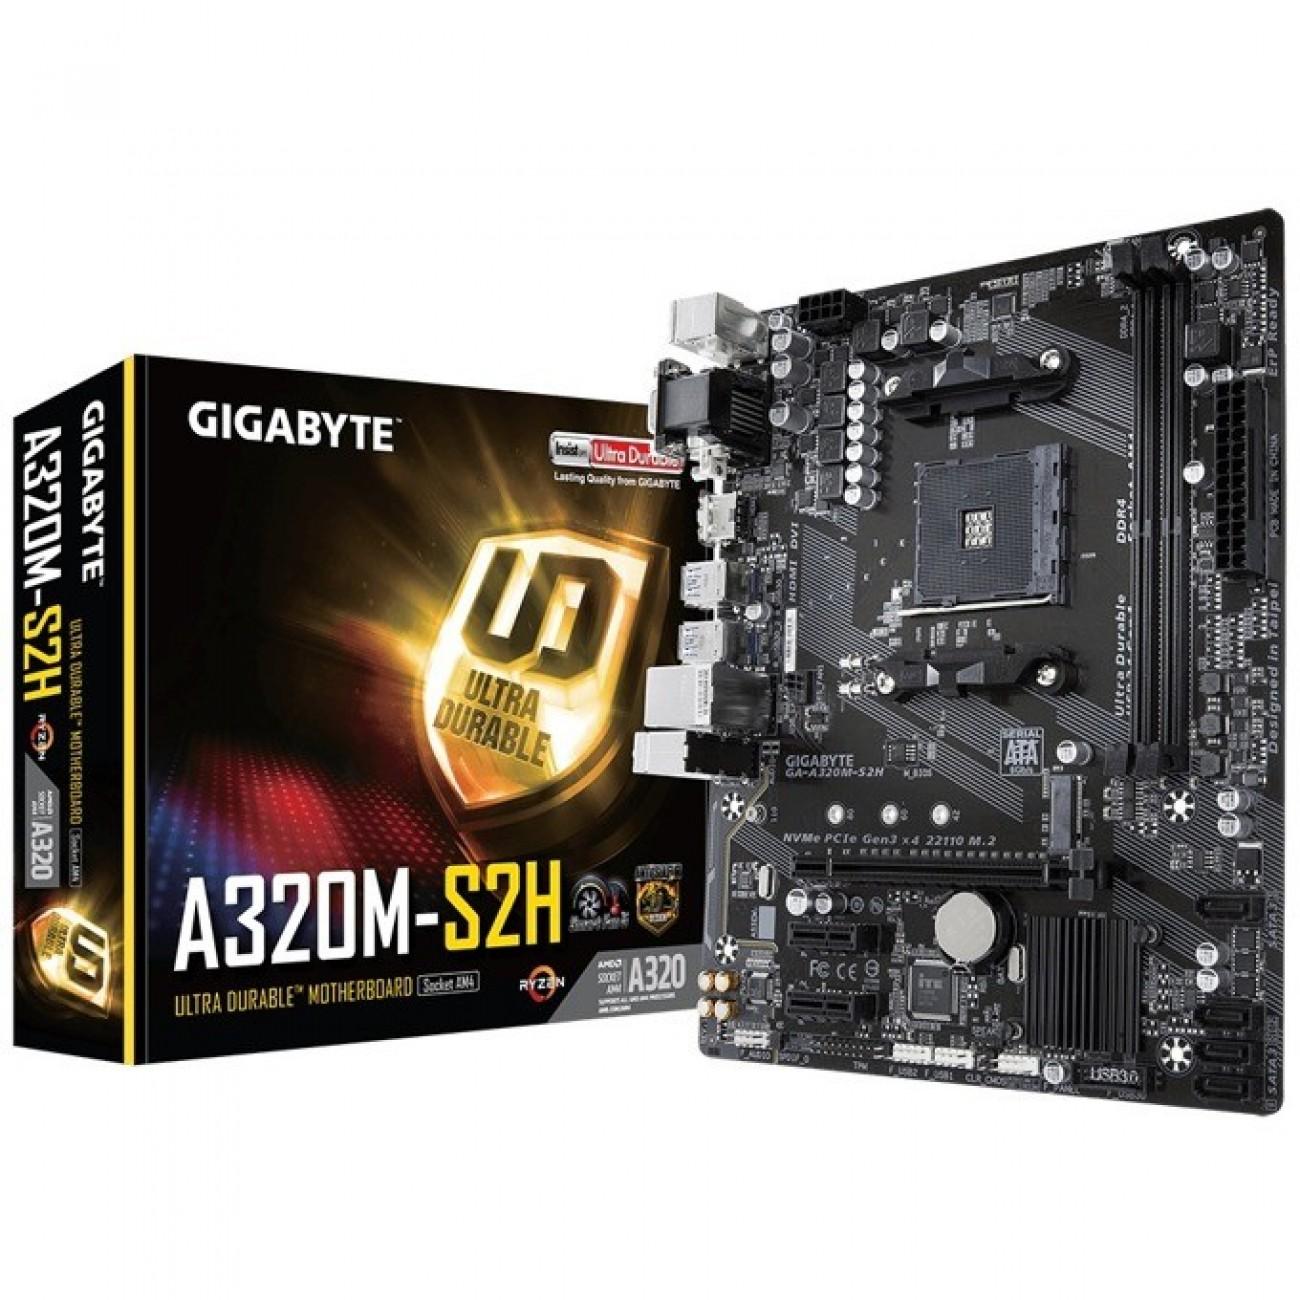 Дънна платка Gigabyte A320M-S2H, A320, AM4, DDR4, 4x SATA 6Gb/s, 1x M.2 slots, 4x USB 3.1, mATX в Дънни платки за AMD процесори -  | Alleop